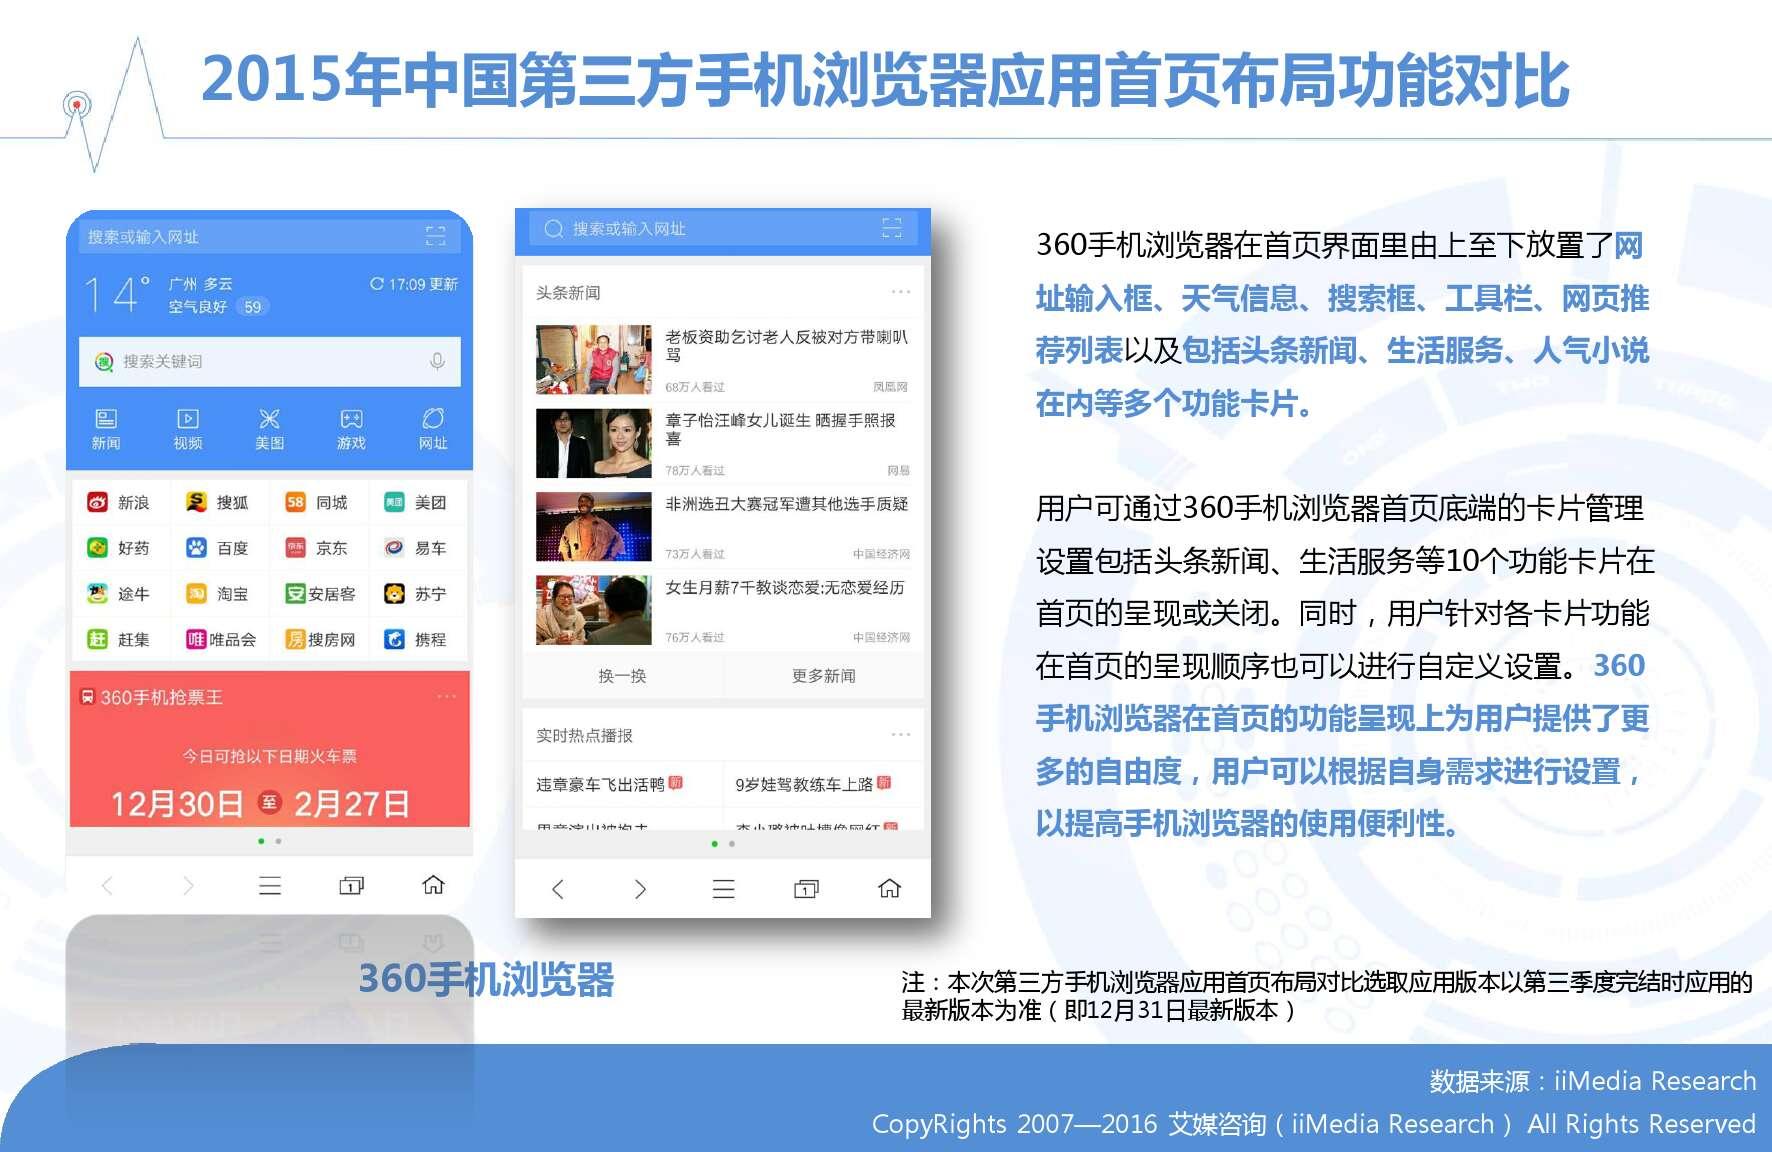 艾媒咨询:2015-2016年中国手机浏览器市场研究报告_000027